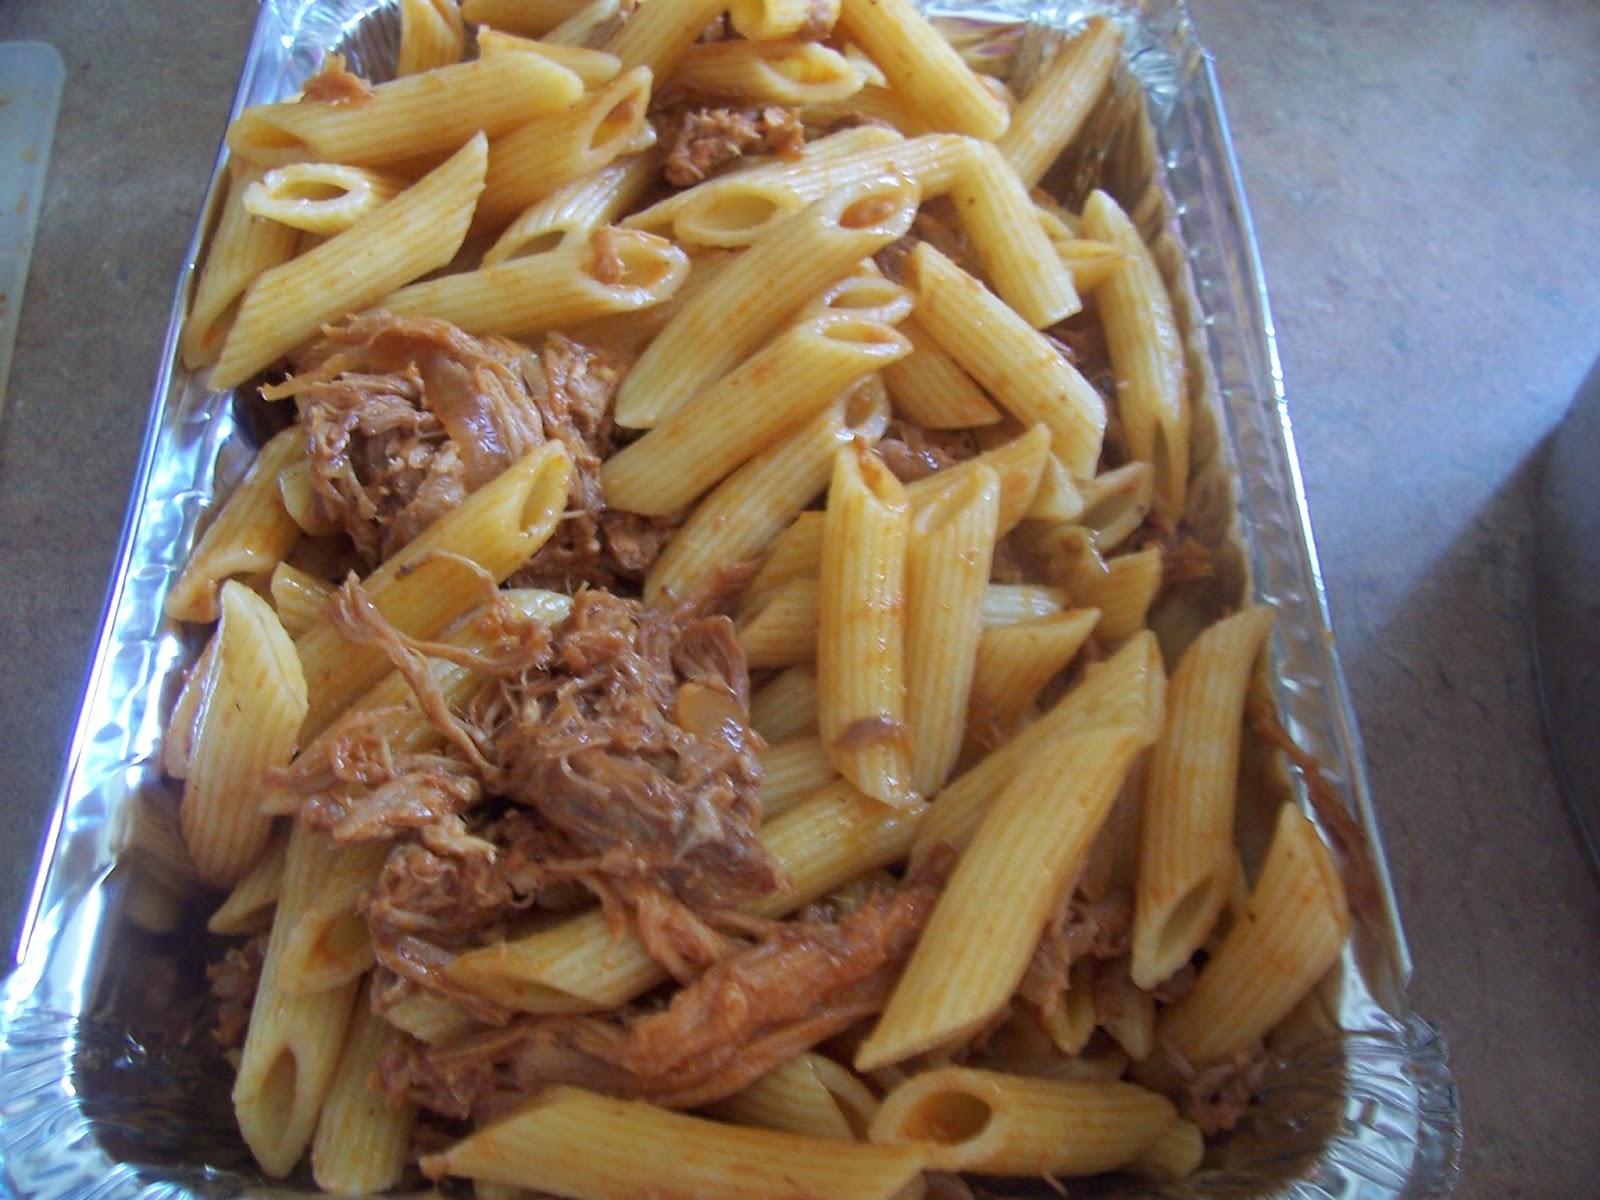 Les passions de julie effiloch de porc et cuisiner les - Cuisiner avec des restes ...